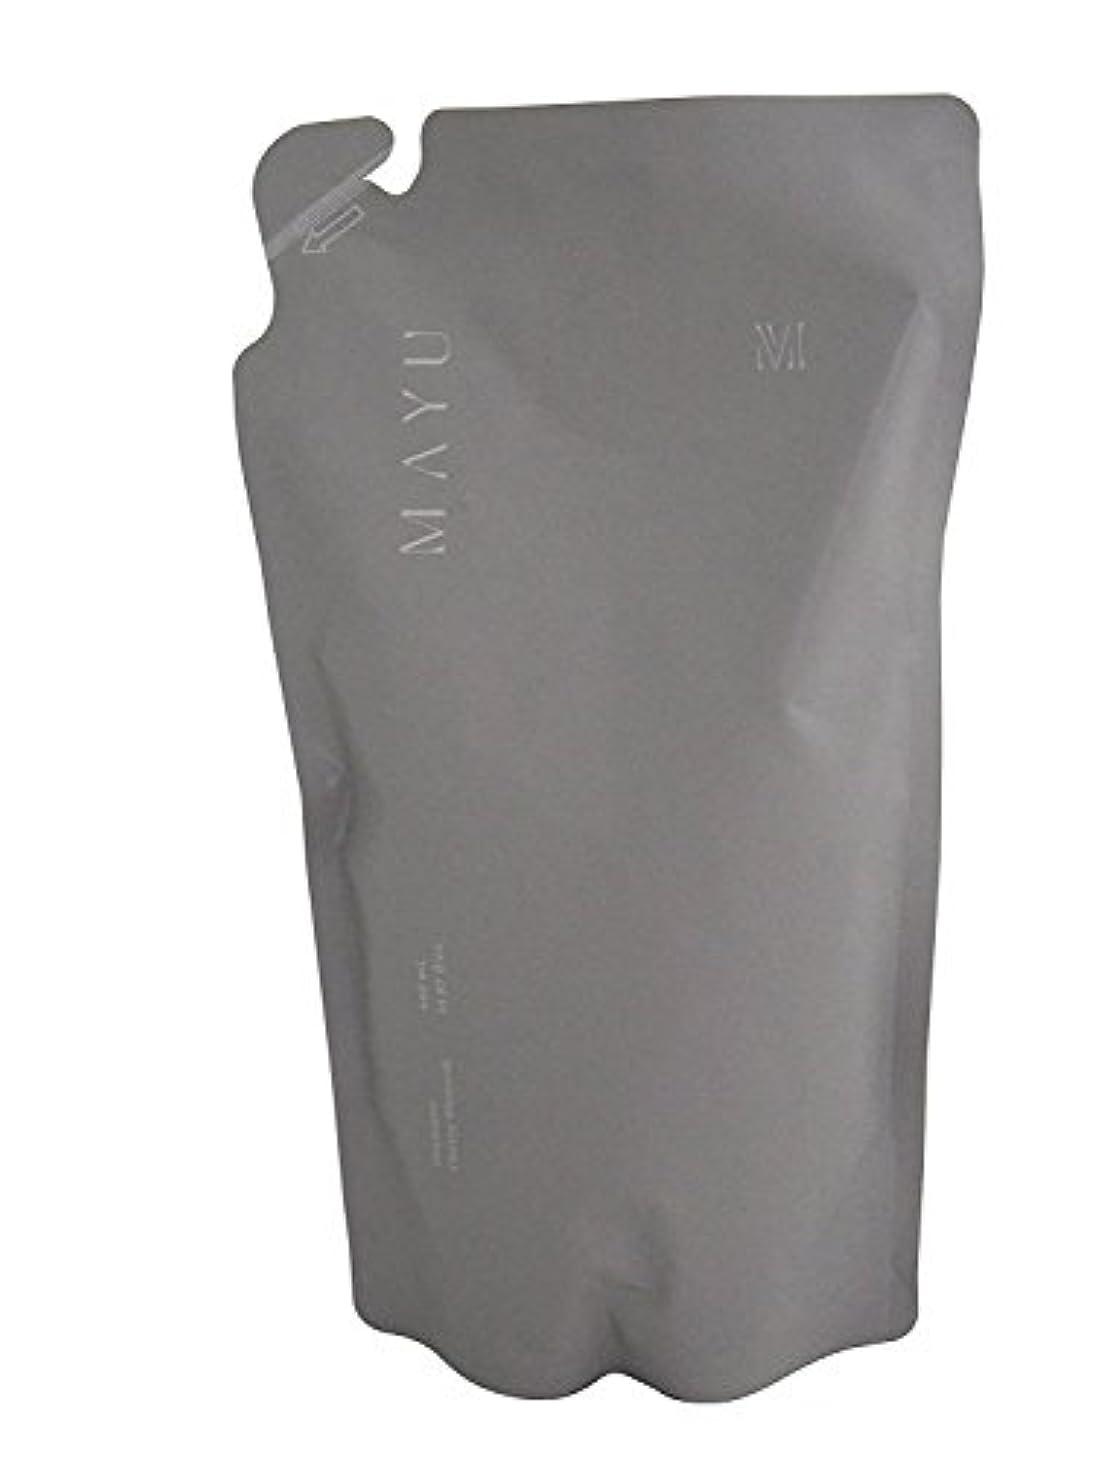 驚いたことにキラウエア山ブラウズ【365Plus】 MAYU さくらの香りシャンプー リフィル(440ml) 1本入り